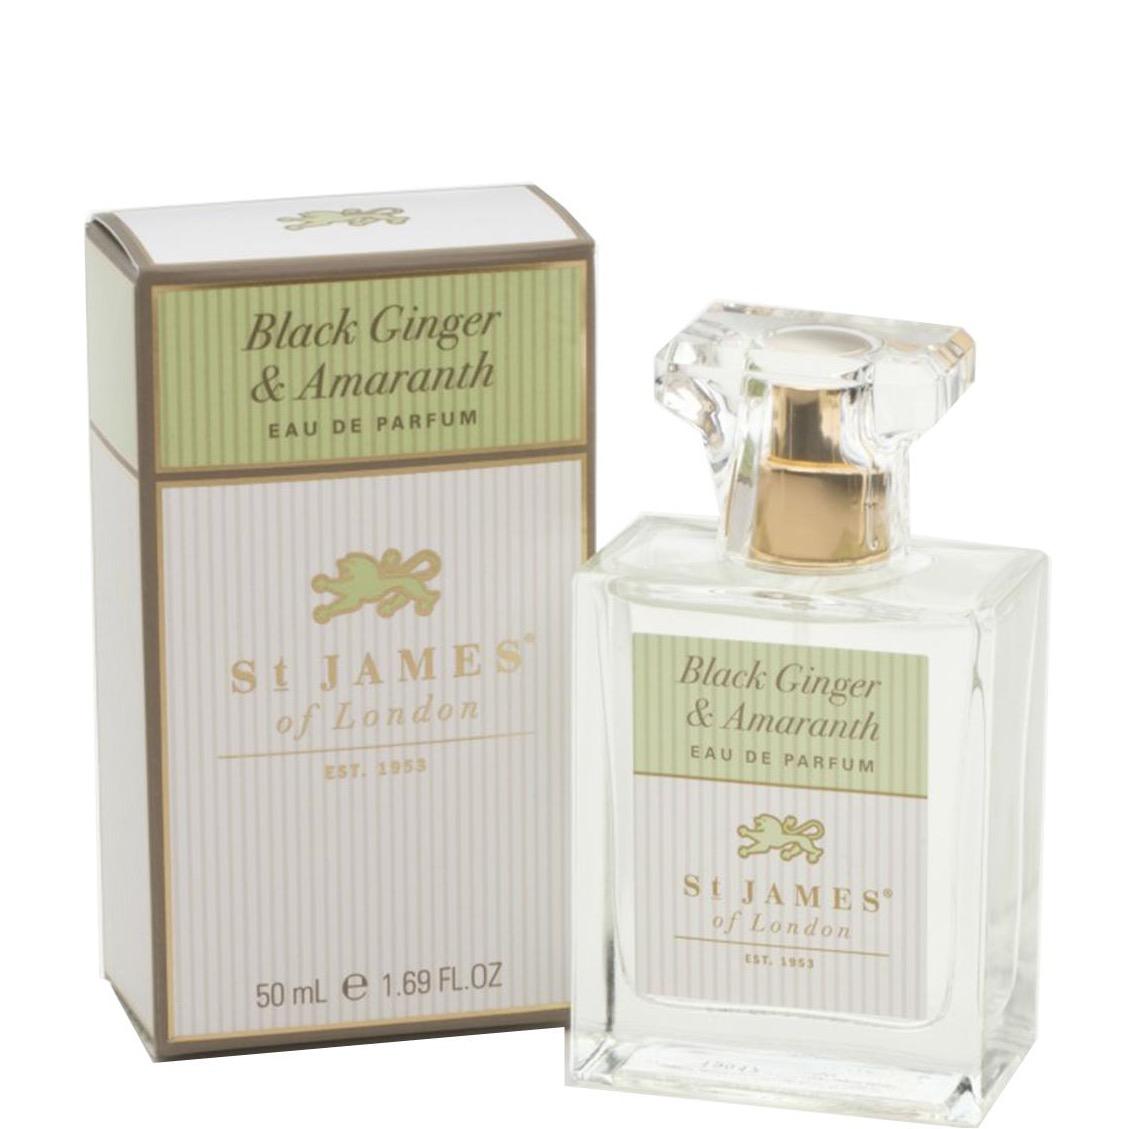 Eau de Parfum Black Ginger & Amaranth